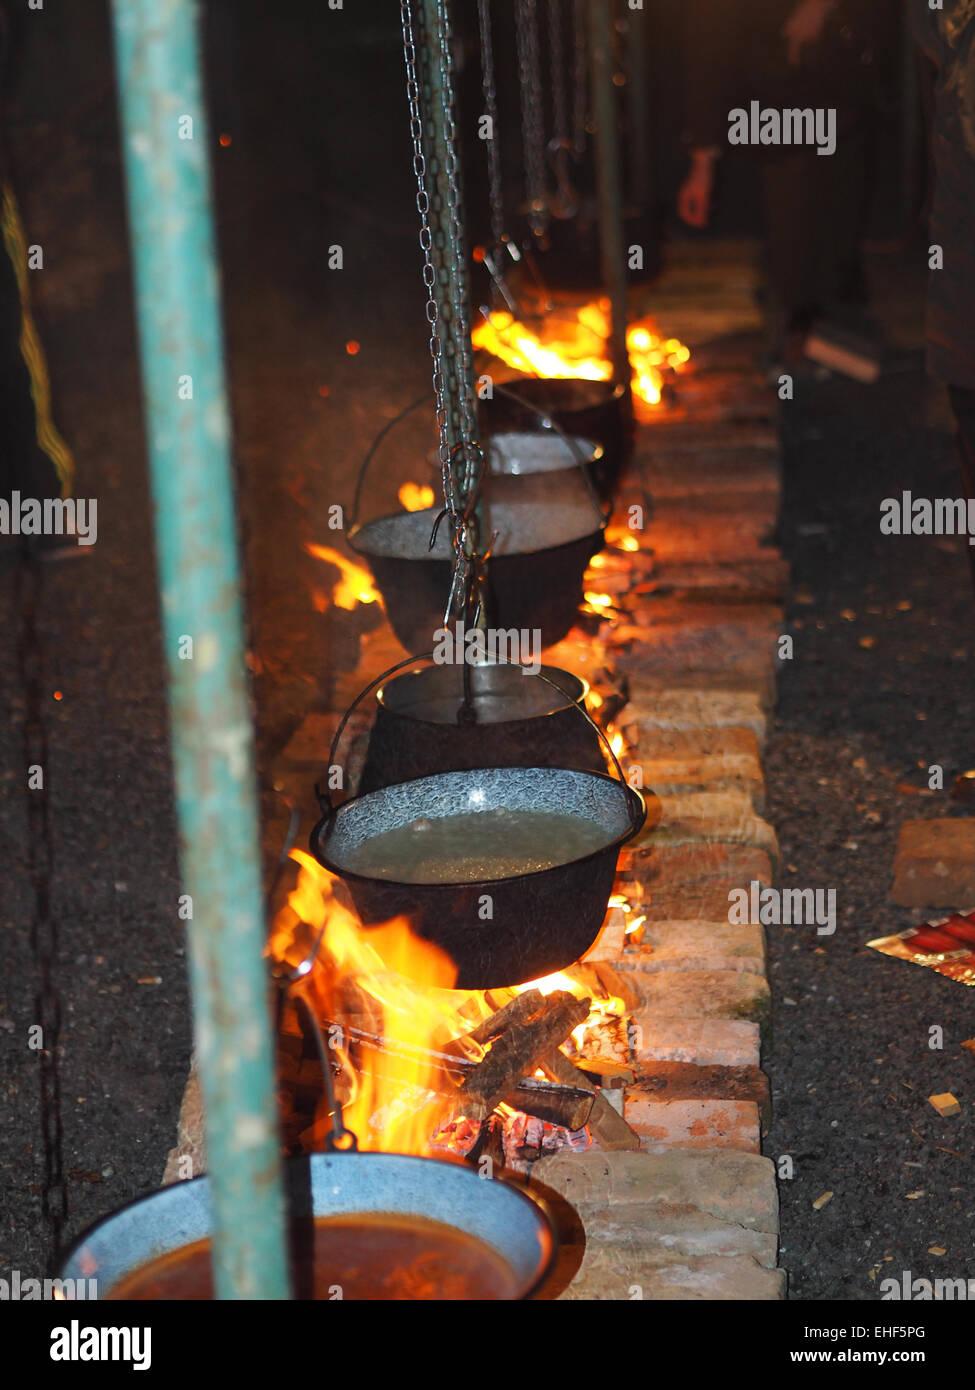 in einem Kessel auf dem Feuer kochen Fischsuppe Stockfoto, Bild ...